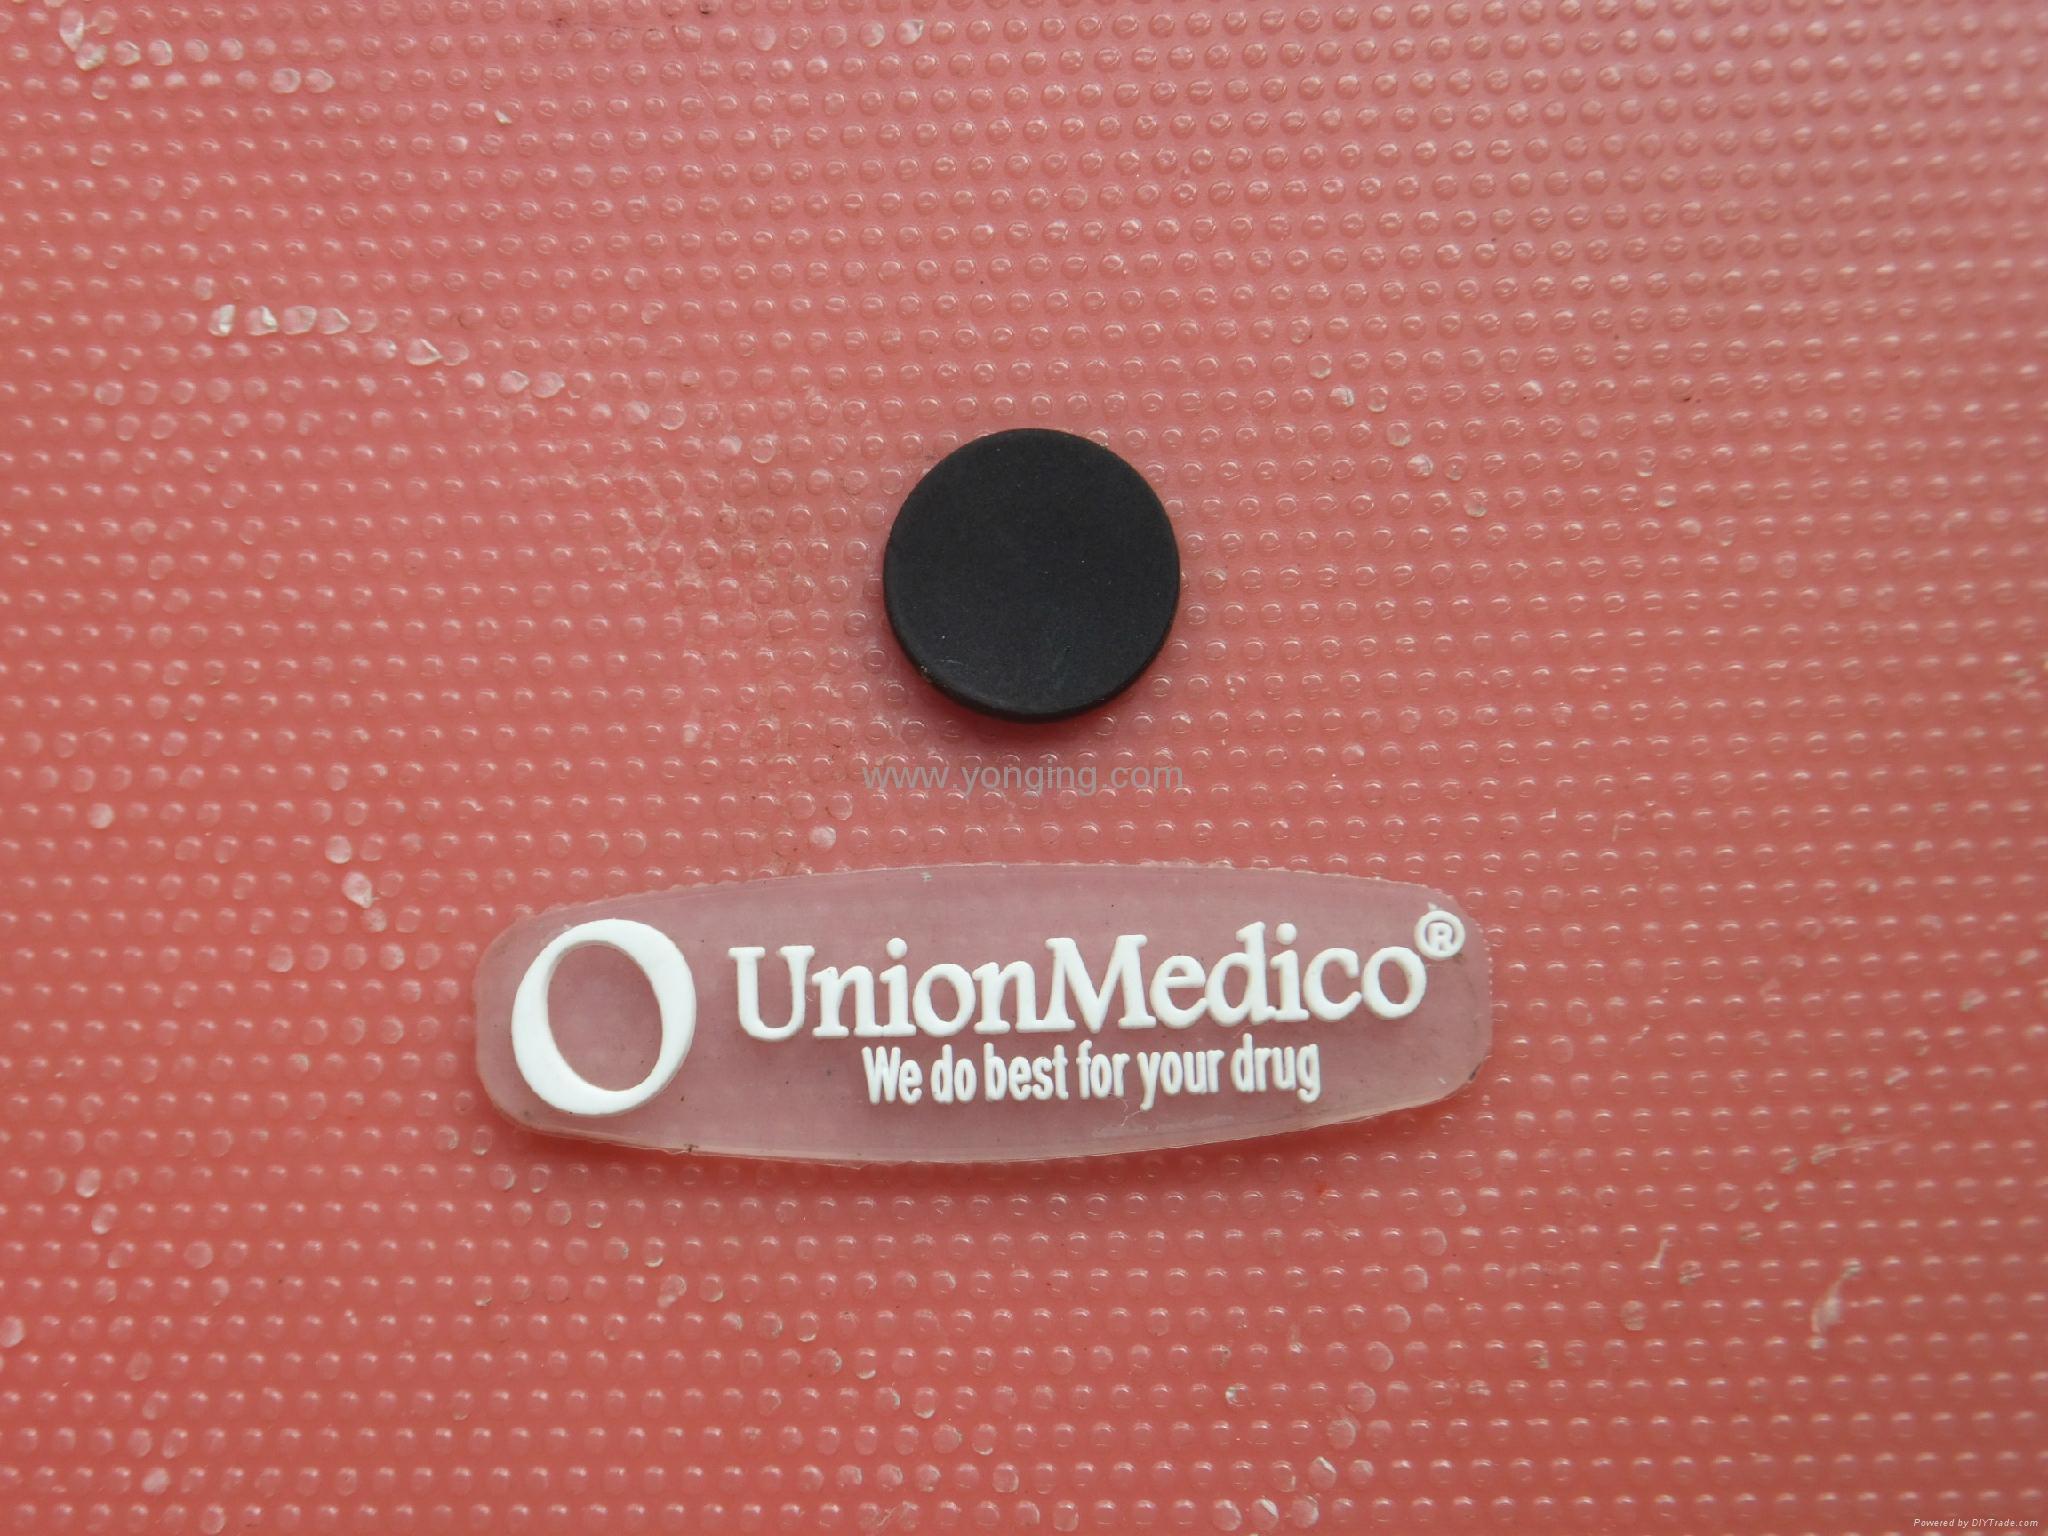 silicone rubber label